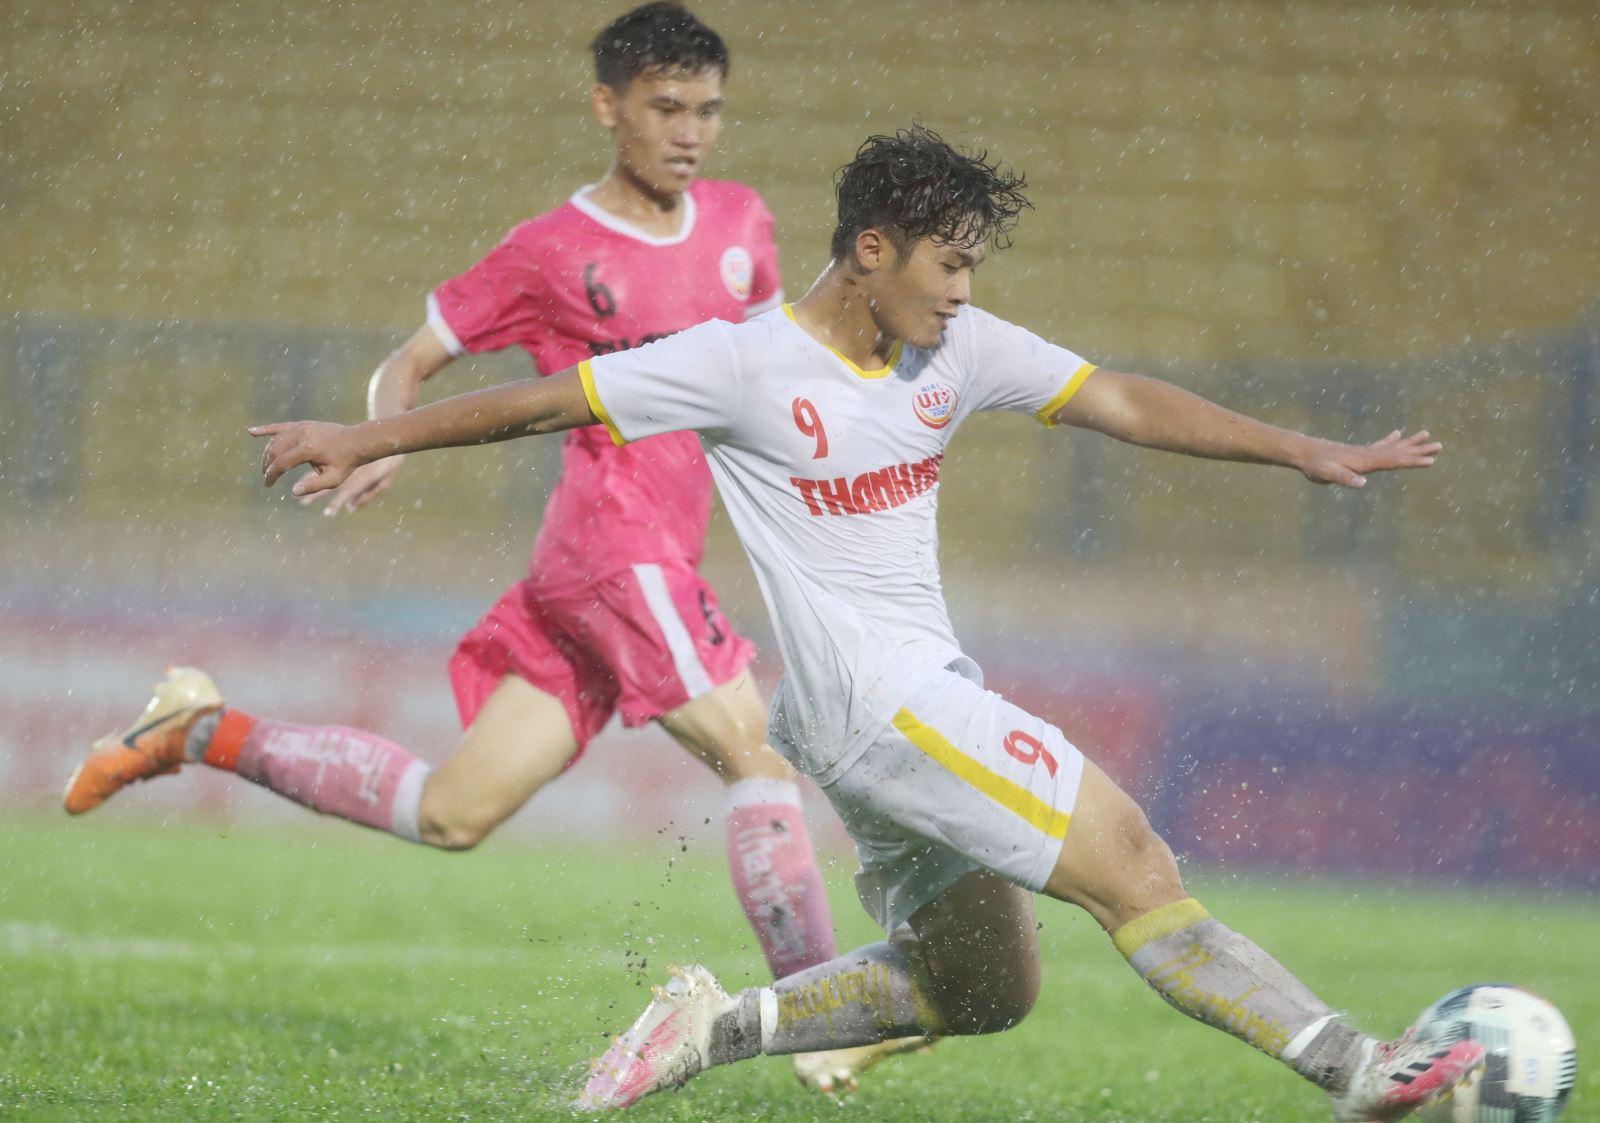 U19 QG 2021, bóng đá, tin bóng đá, U19 Việt Nam, đội tuyển U19, Quốc Việt, thầy công Phượng, Guillaume Graechen, bóng đá Việt Nam hôm nay